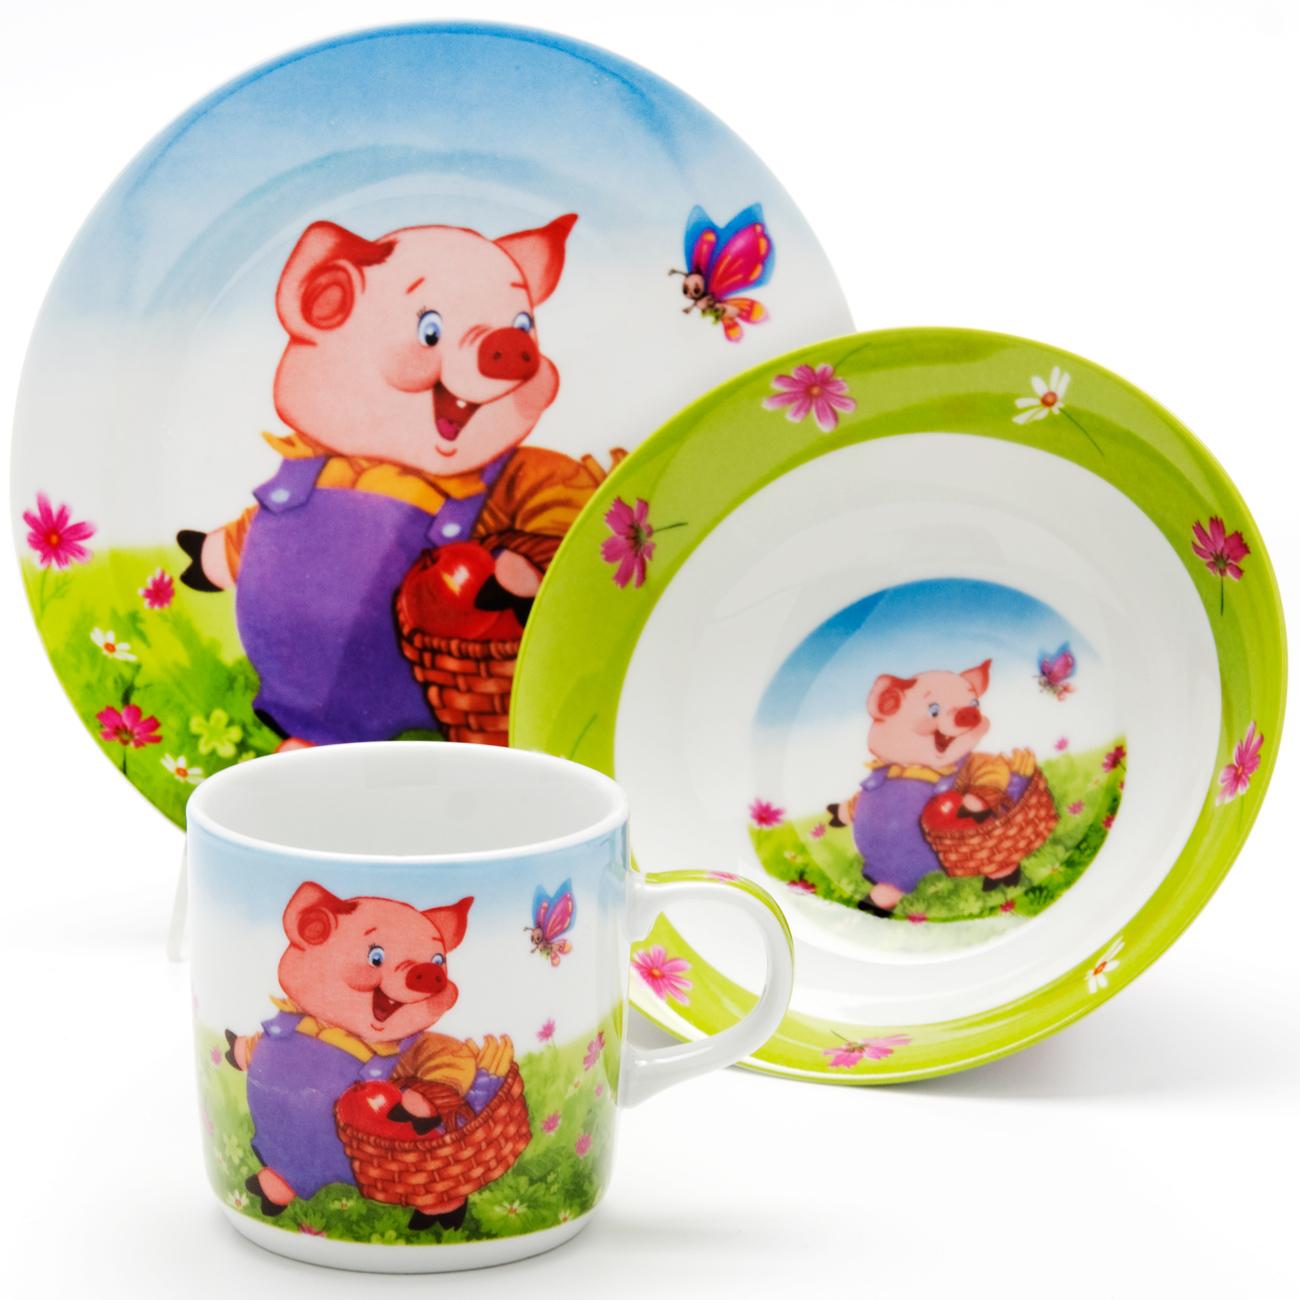 Набор посуды Loraine Поросенок, 3 предмета54 009312Набор посуды Поросенок сочетает в себе изысканный дизайн с максимальной функциональностью. В набор входят суповая тарелка, обеденная тарелка и кружка. Предметы набора выполнены из высококачественной керамики, декорированы красочным рисунком. Благодаря такому набору обед вашего ребенка будет еще вкуснее. Набор упакован в красочную, подарочную упаковку.Диаметр суповой тарелки: 15 см.Диаметр обеденной тарелки: 17,5 см.Объем кружки: 230 мл.